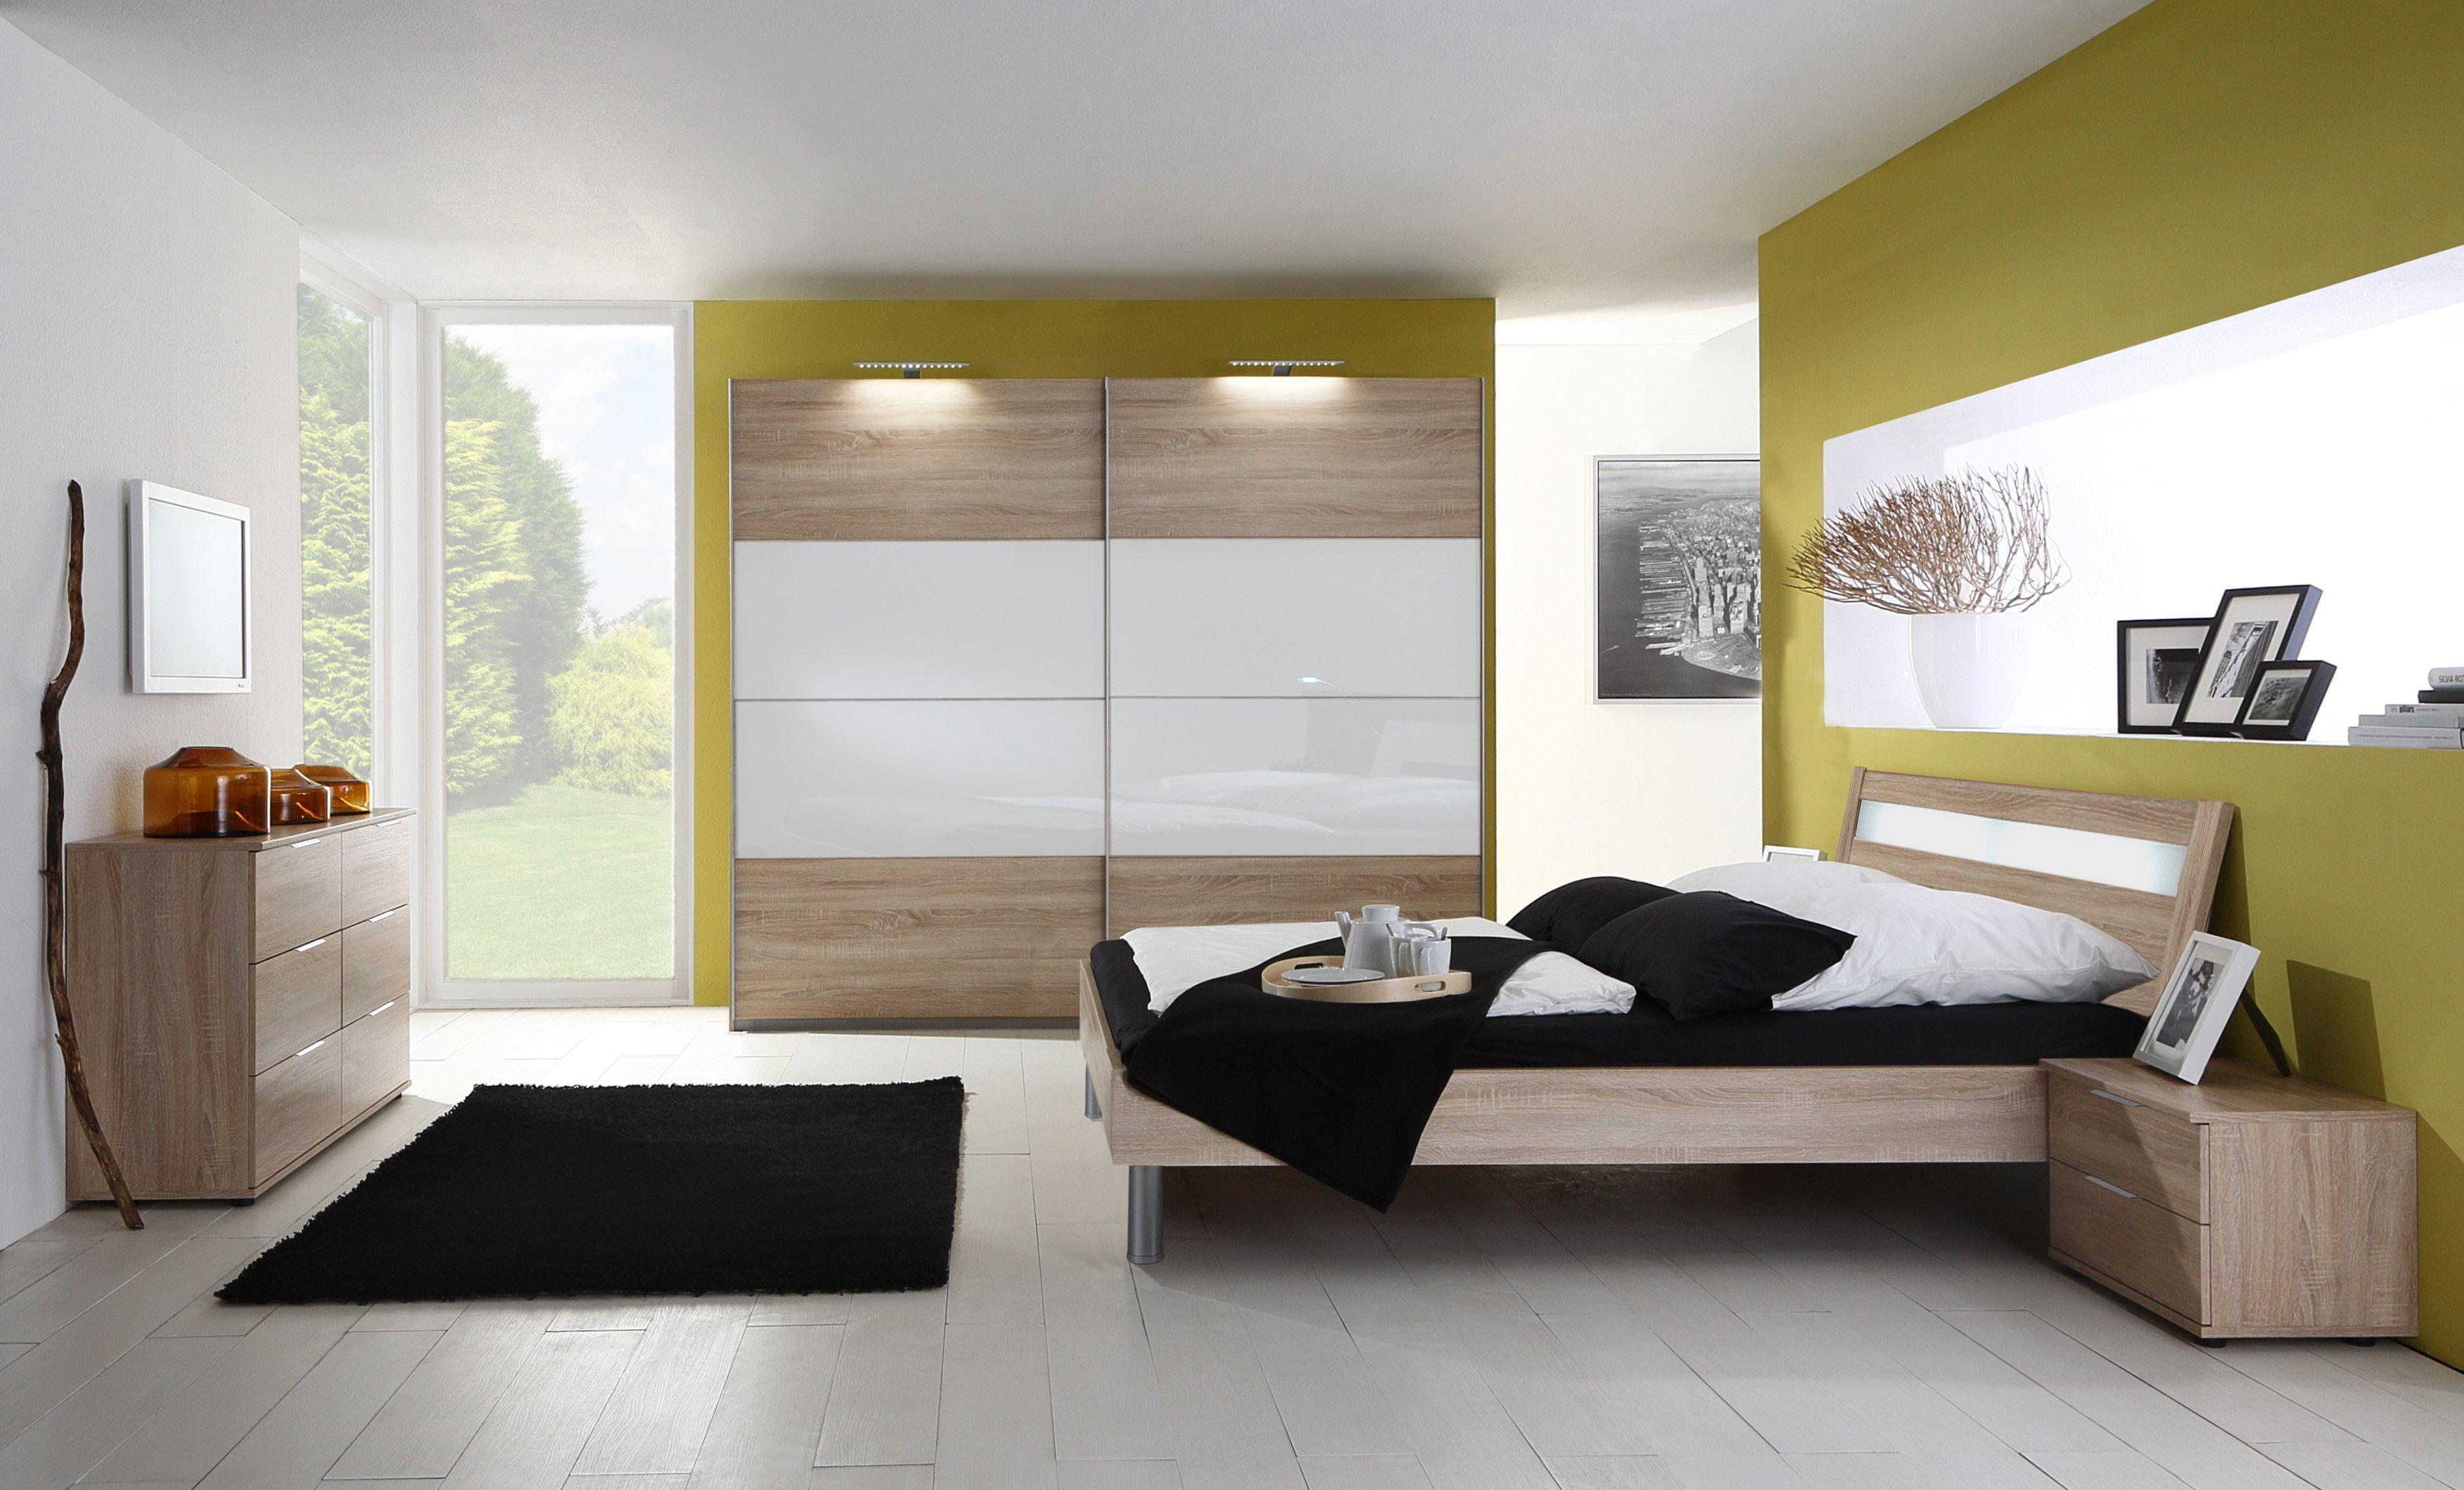 Mondo Schlafzimmer ~ Conjunto dormitorio en picea de estilo moderno nuovo mondo n